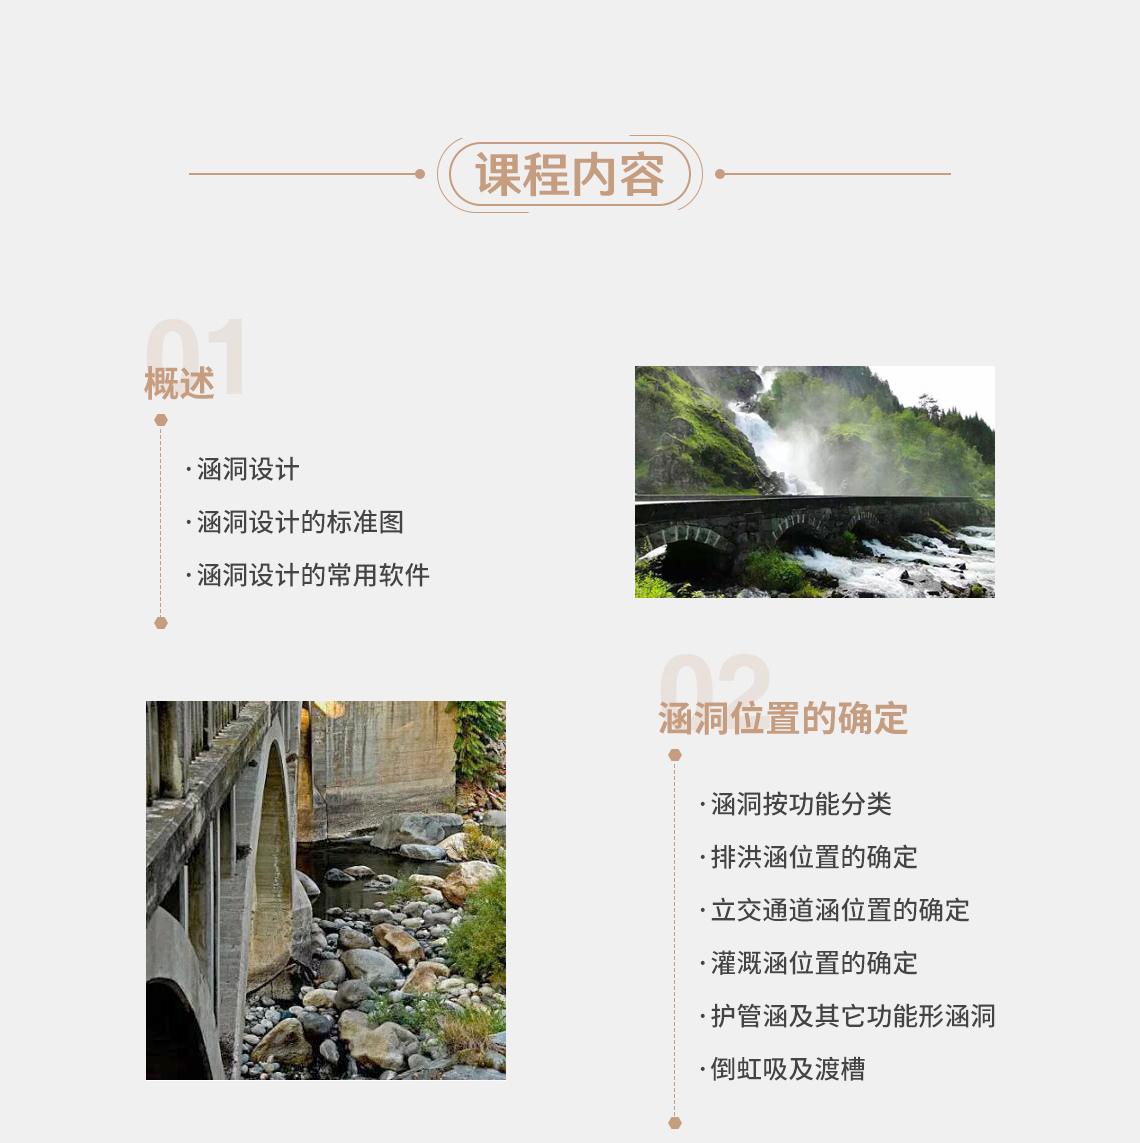 涵洞功能分类,排洪涵位置的确定,立交通道涵位置的确定,灌溉涵位置的确定,护管涵及其它功能形涵洞,倒虹吸及渡槽